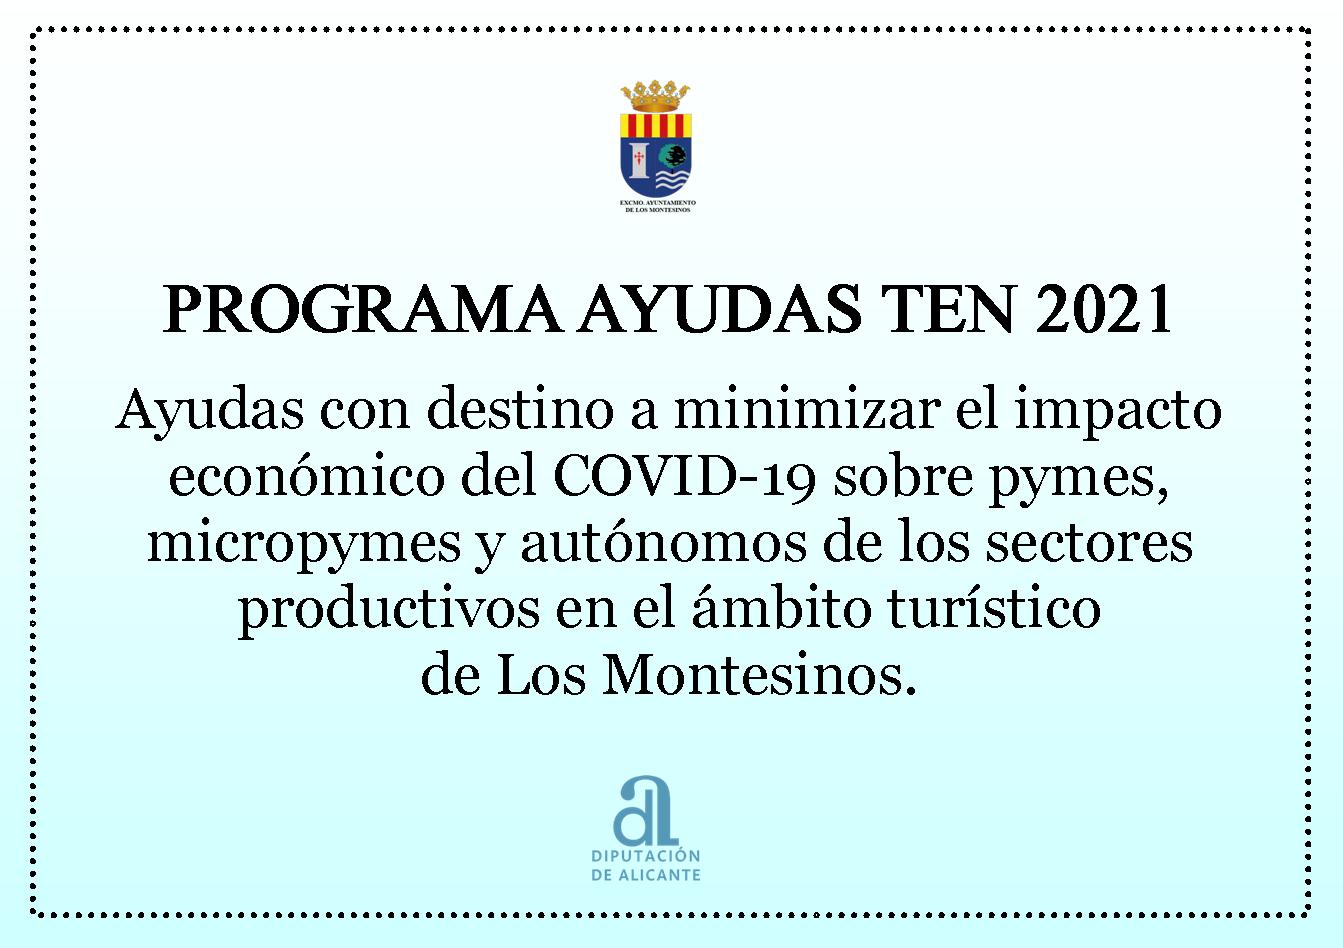 Abierto plazo solicitud AYUDAS TEN 2021 (empresas y autónomos sectores productivos de ámbito turístico)